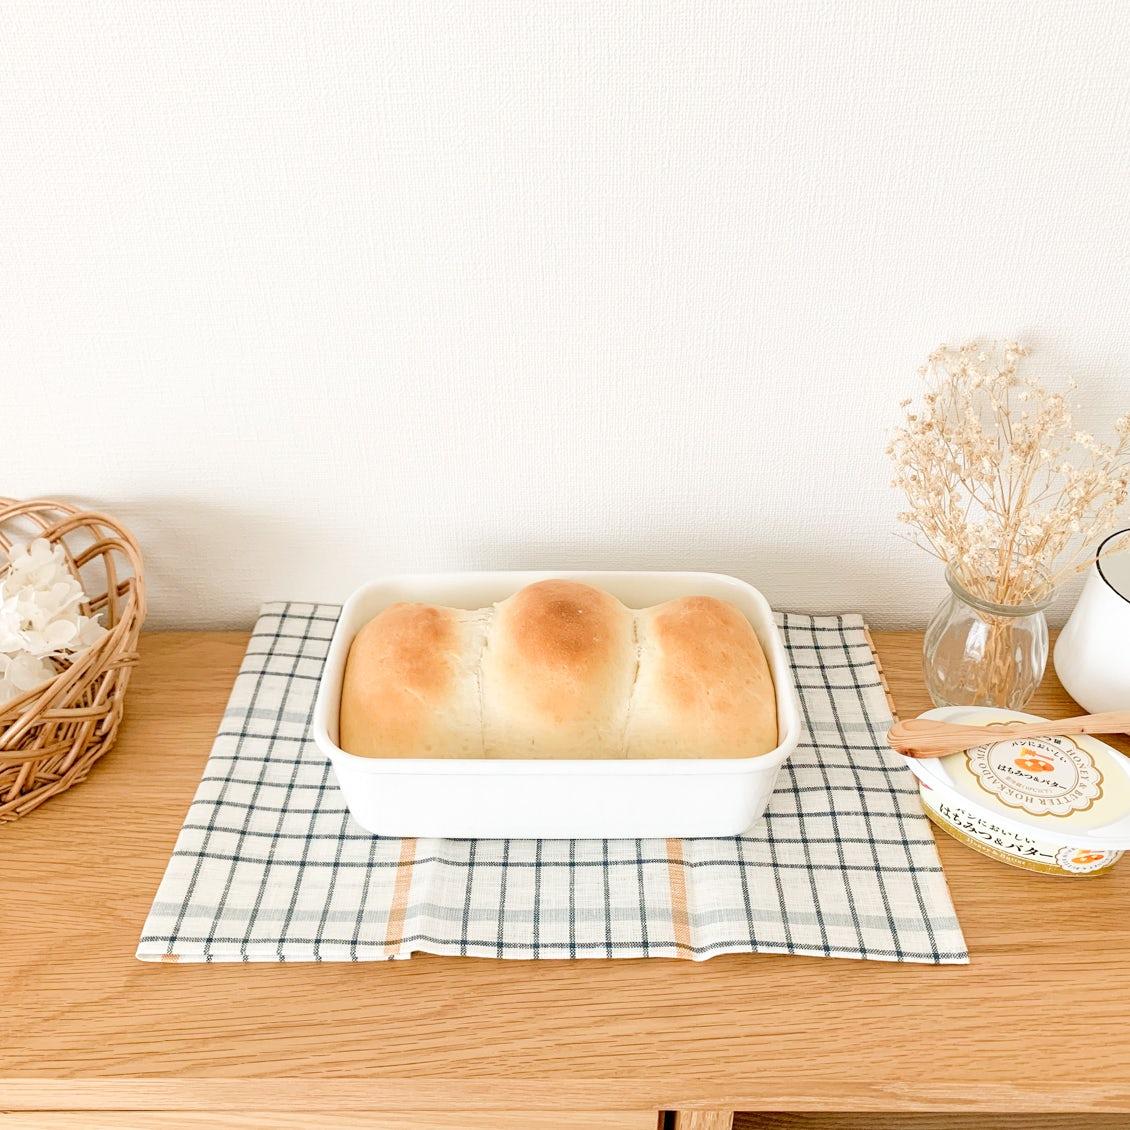 【スタッフコラム】憧れのパン作りに挑戦した日